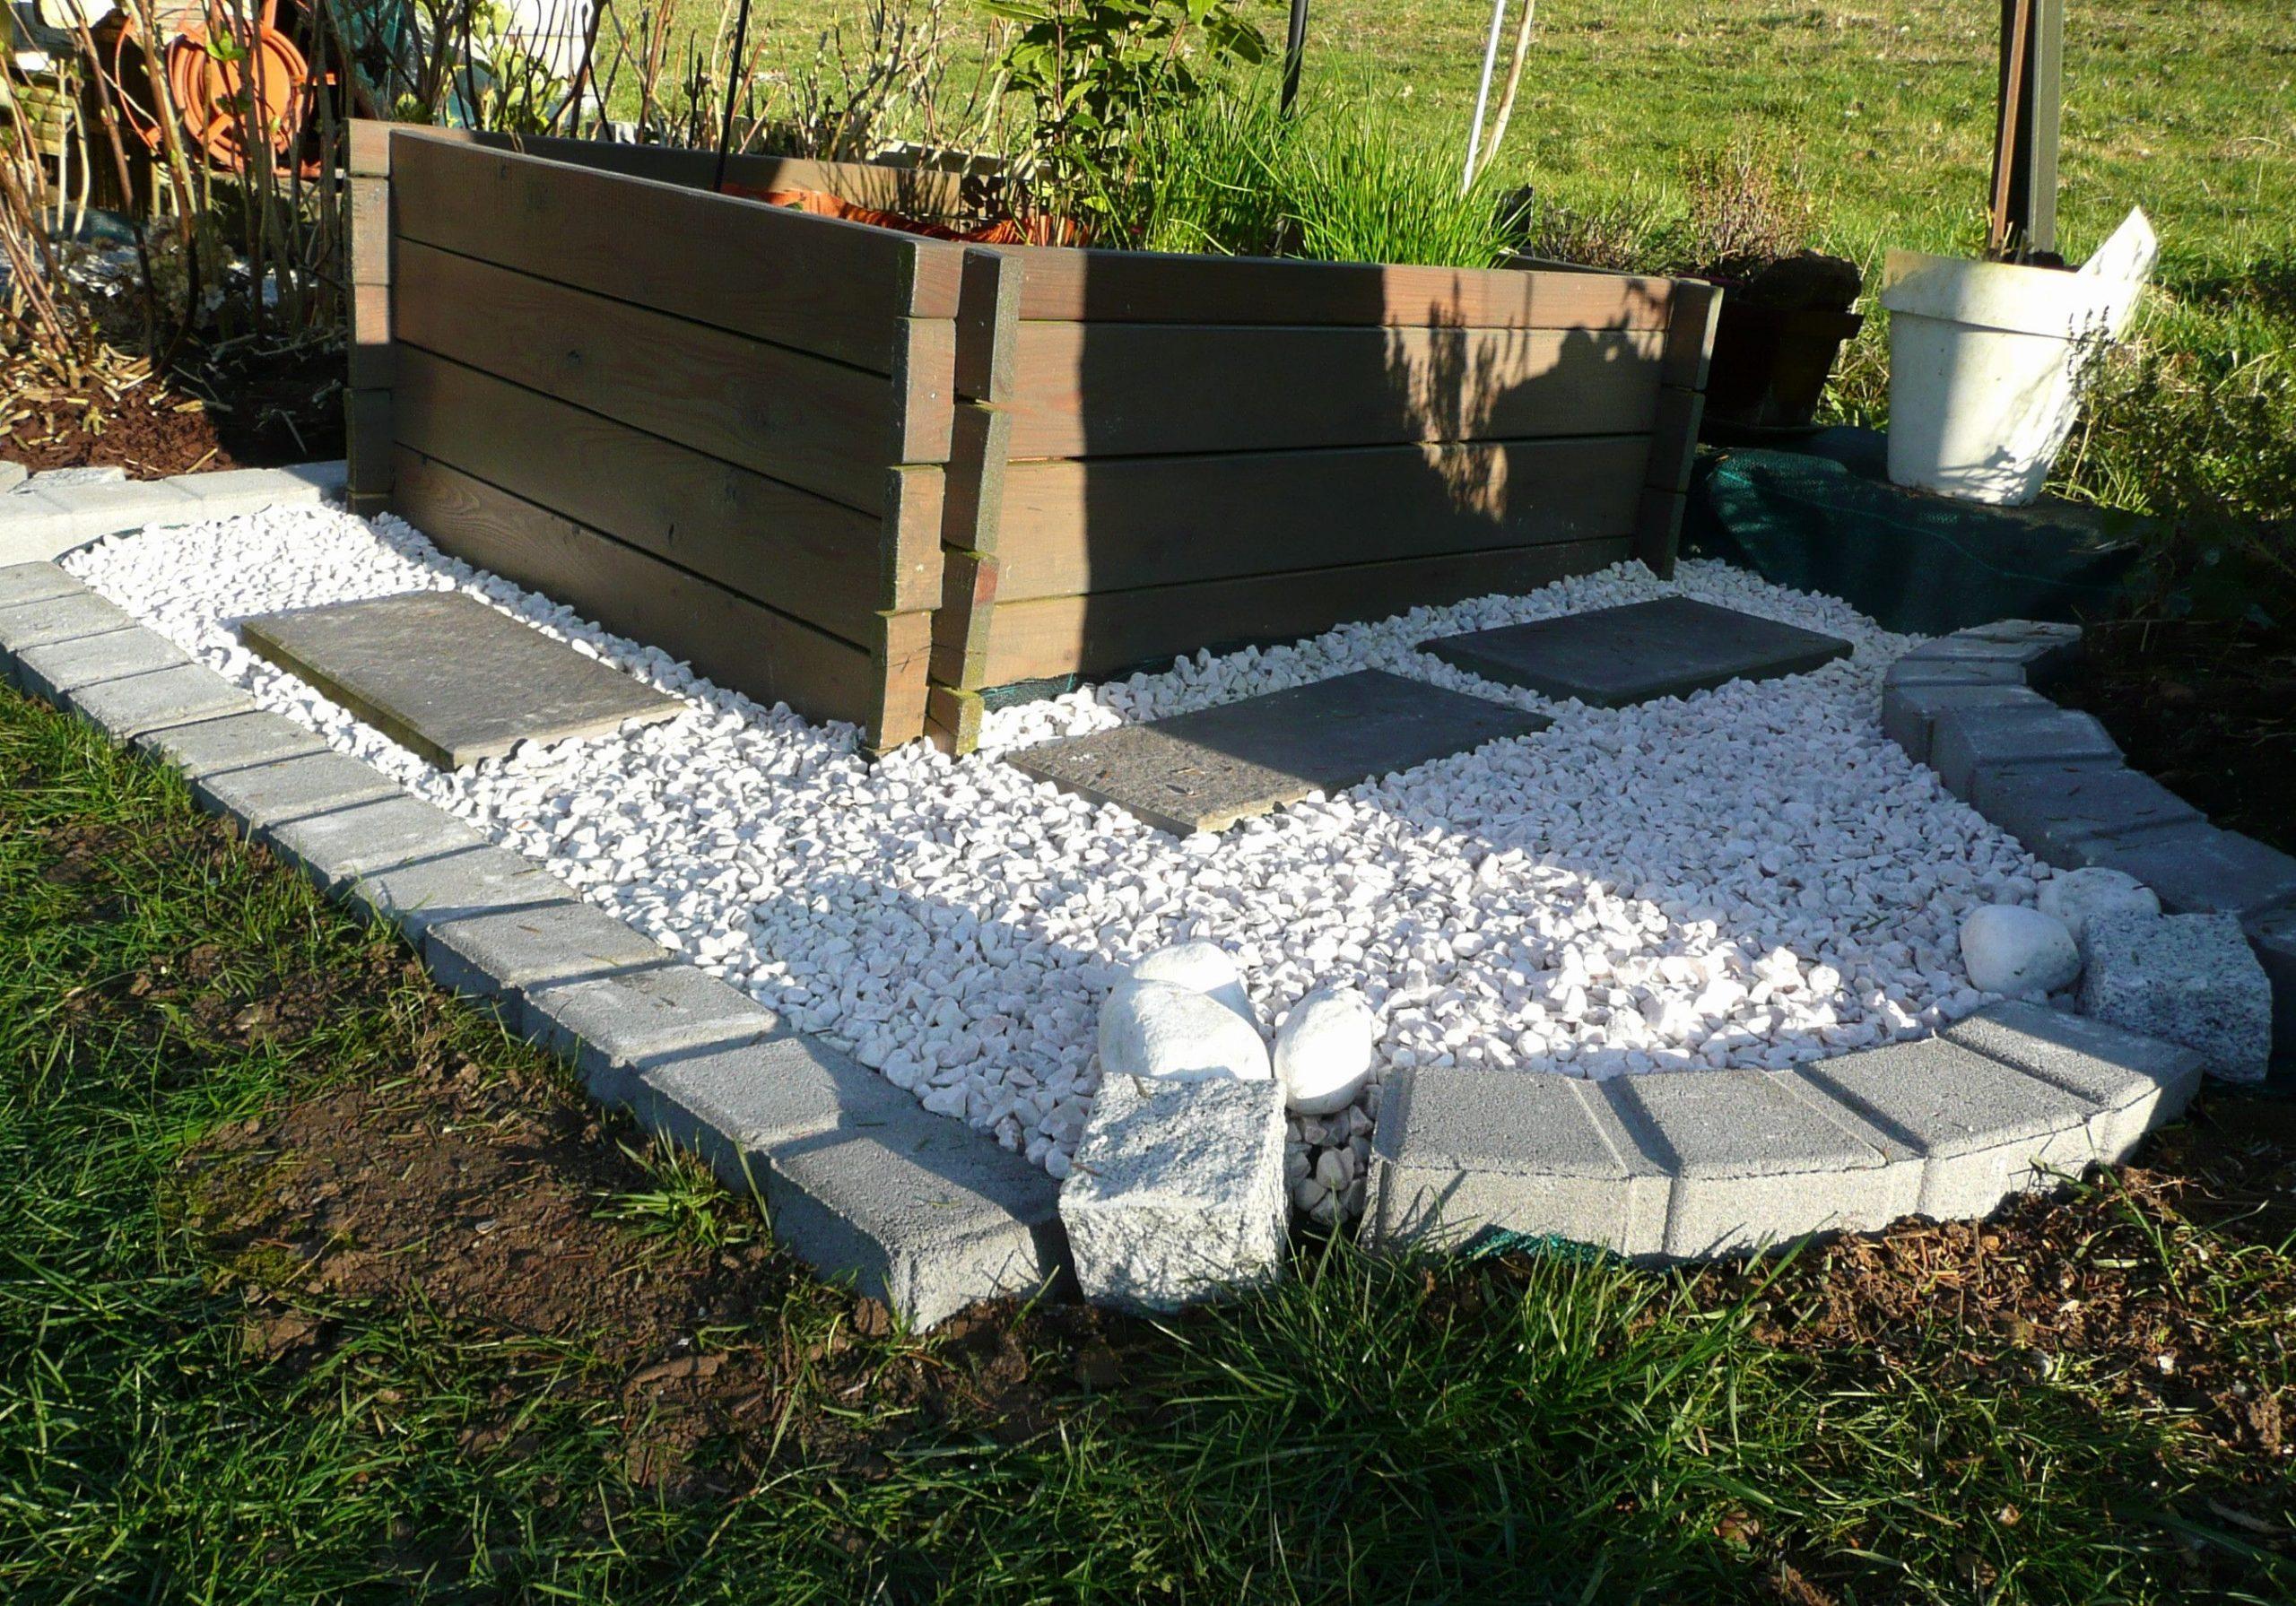 Cailloux Blanc Jardin Fresh Amenagement Jardin Avec Gravier ... serapportantà Cailloux Décoration Jardin